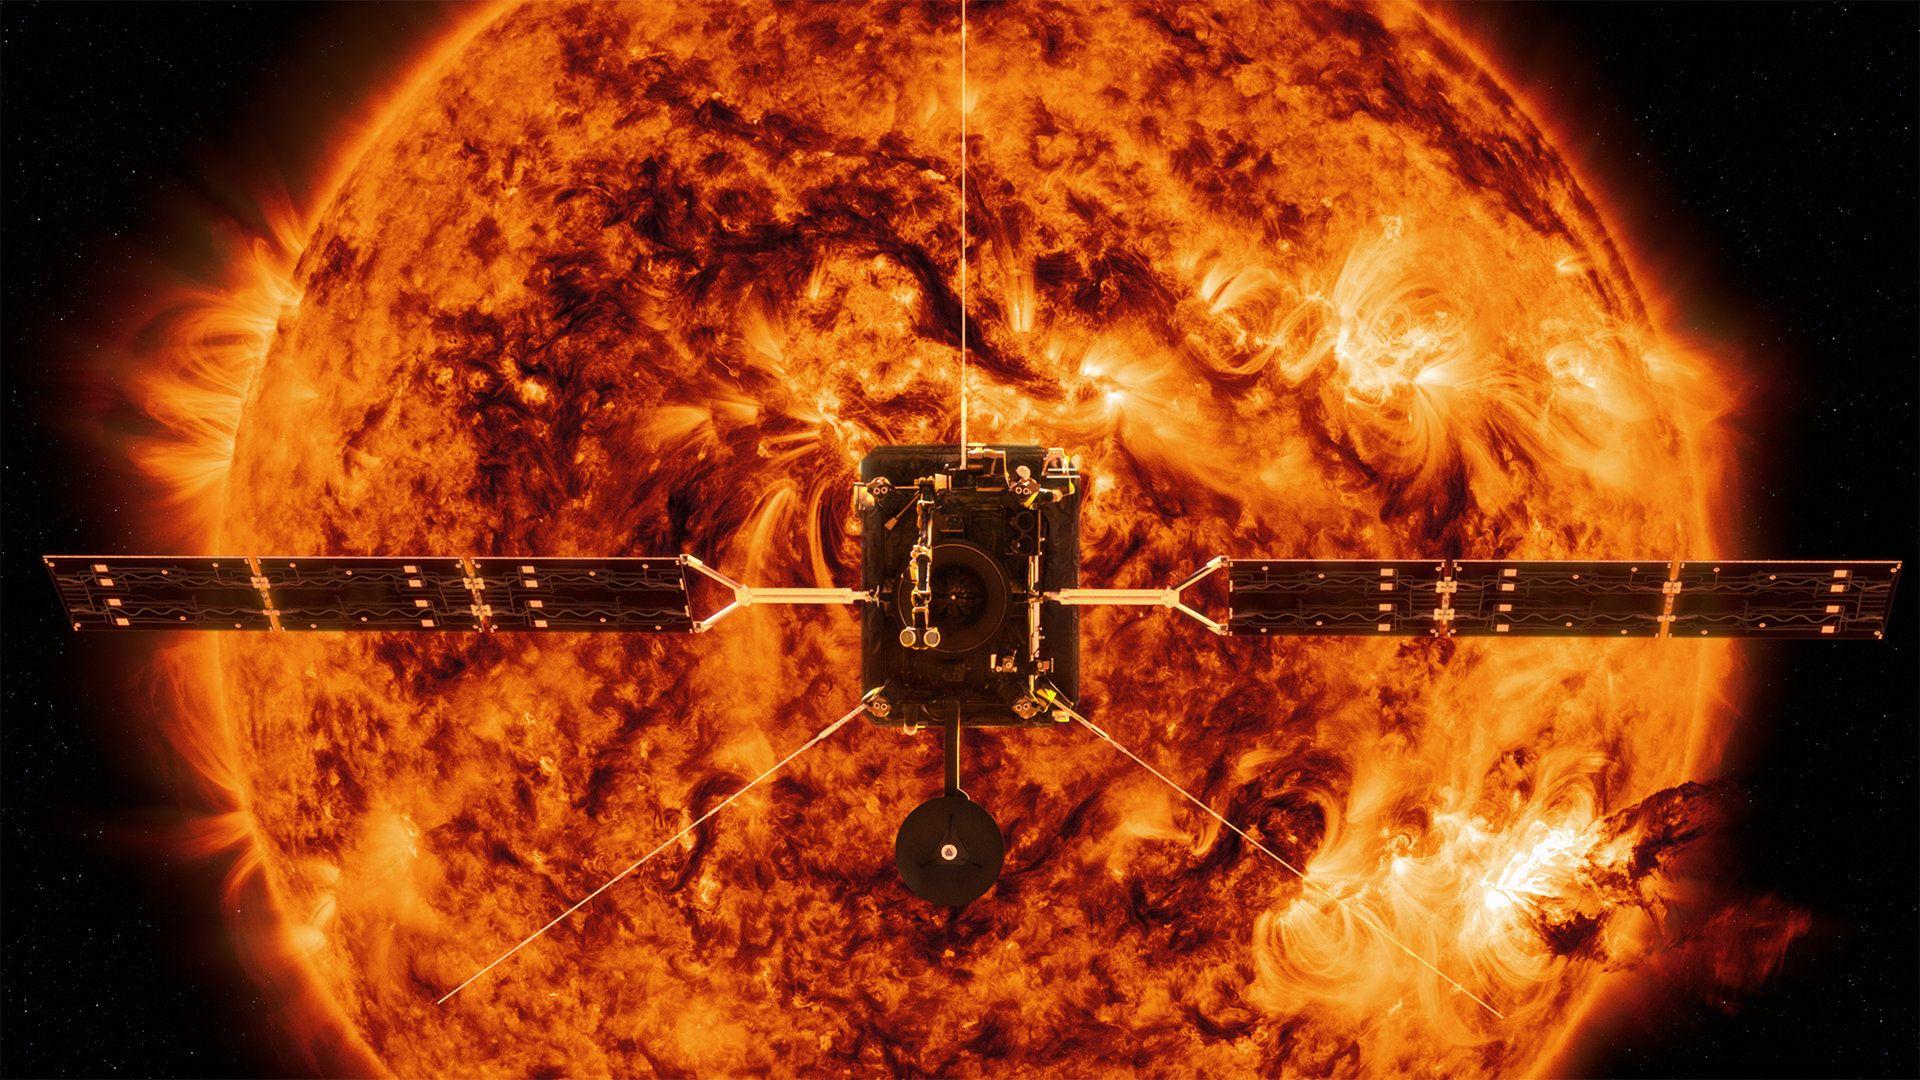 Agencia Espacial Europea enviará una misión a observar regiones desconocidas del Sol